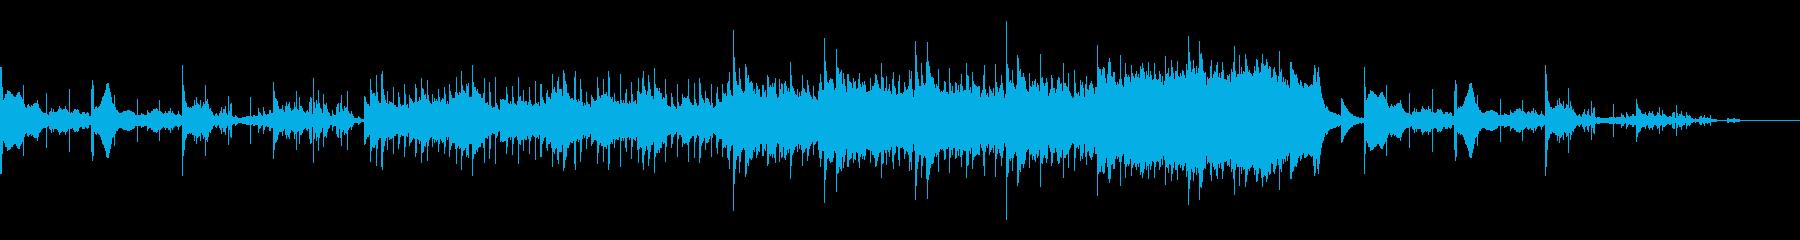 ミステリー:汎用BGM3の再生済みの波形